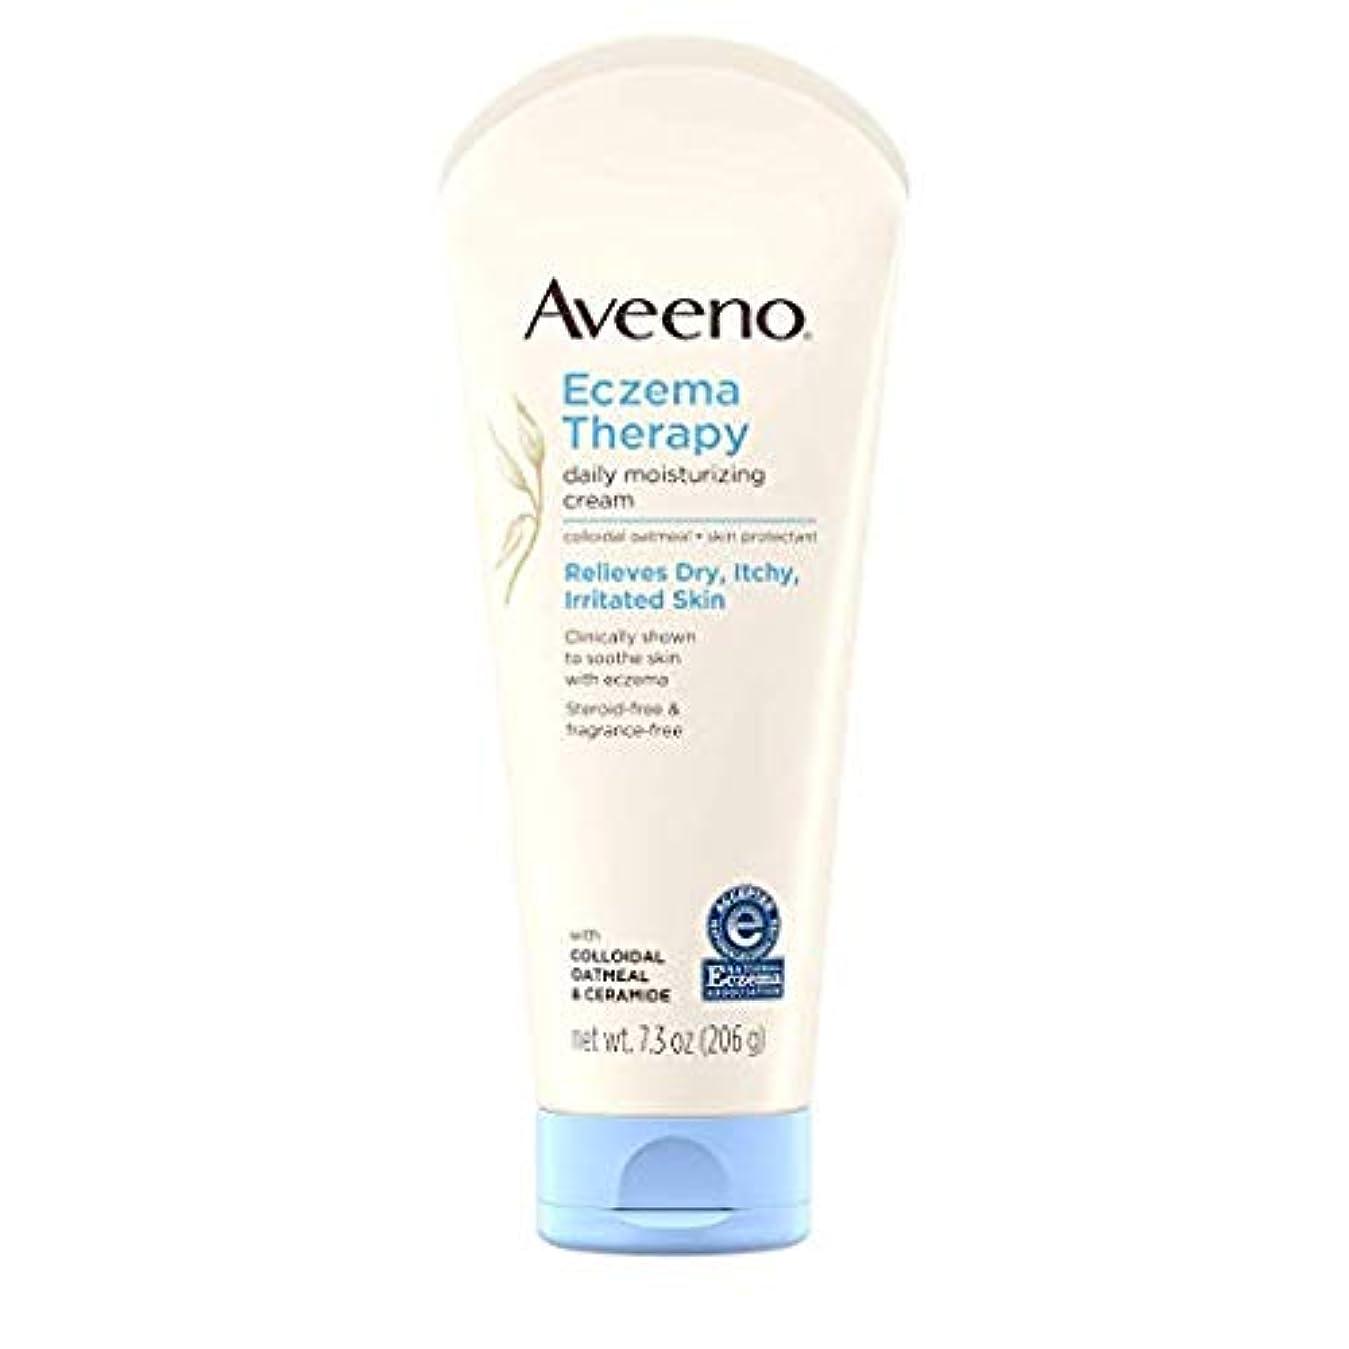 腹部憎しみ真空Aveeno - Eczema Therapy Moisturizing Cream - 7.3 oz (206 g) アビーノ 保湿クリーム [並行輸入品]